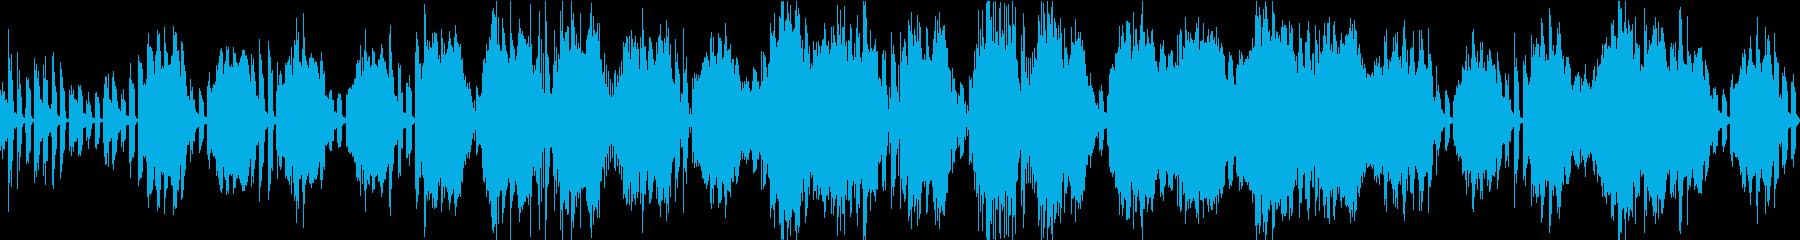 ゲーム向け洞窟ダンジョン探索ループBGMの再生済みの波形